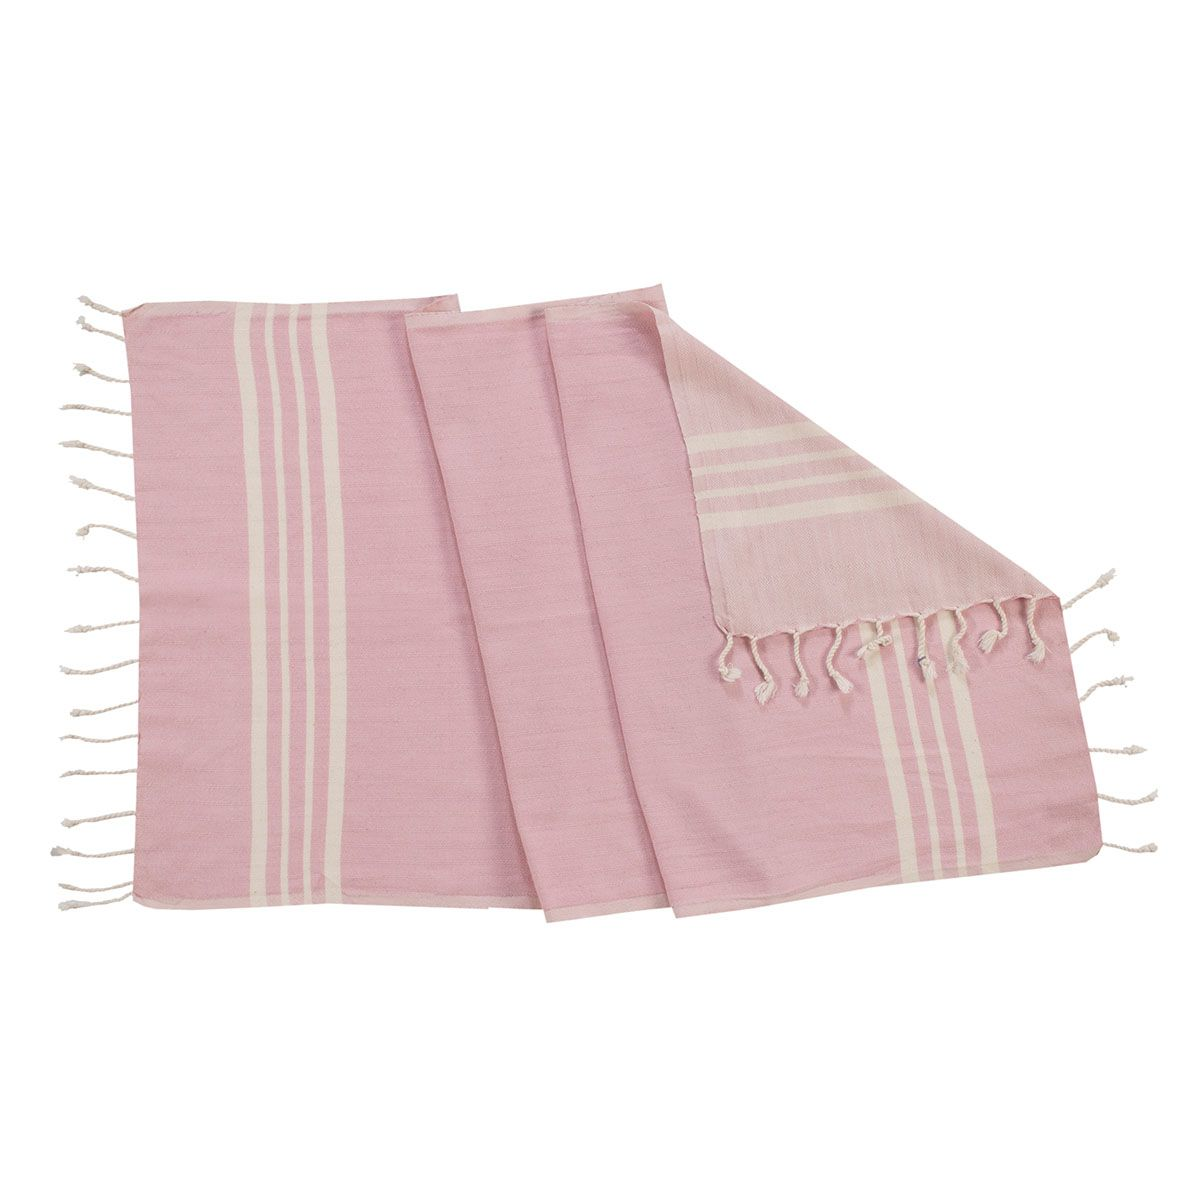 Peshkir Sultan - Rose Pink